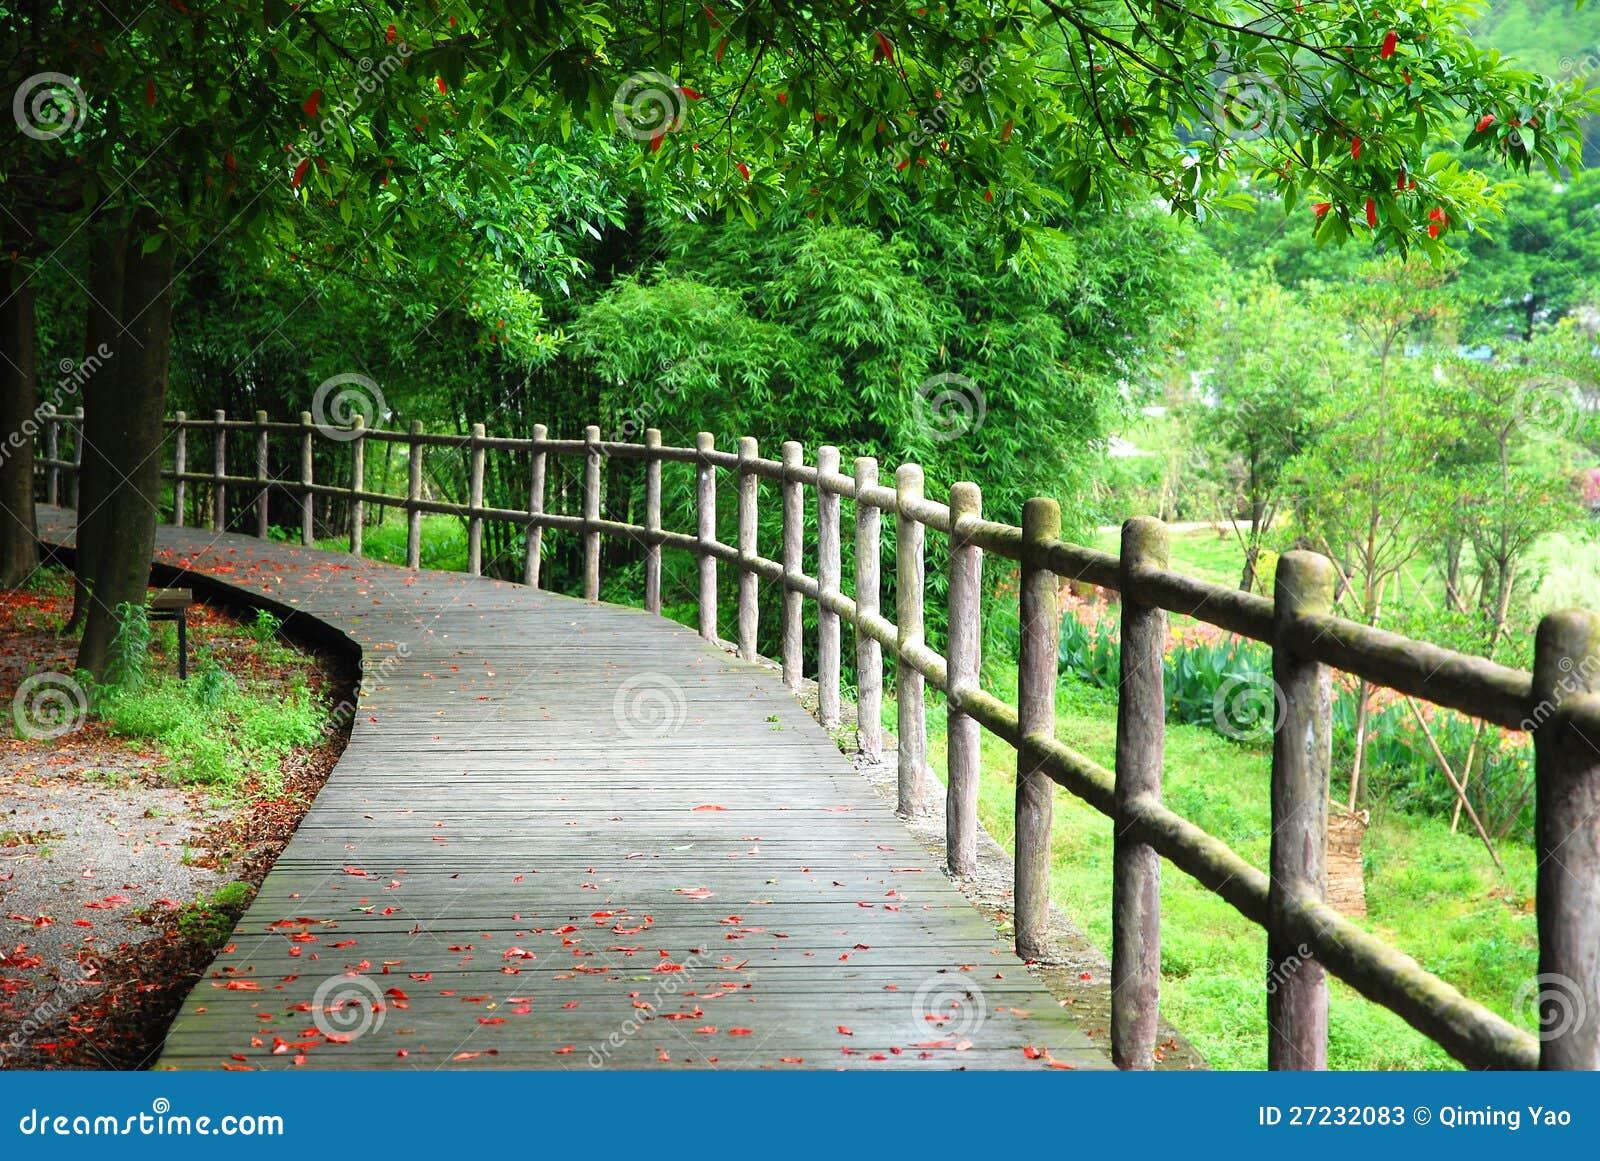 Деревянные путь и поручень